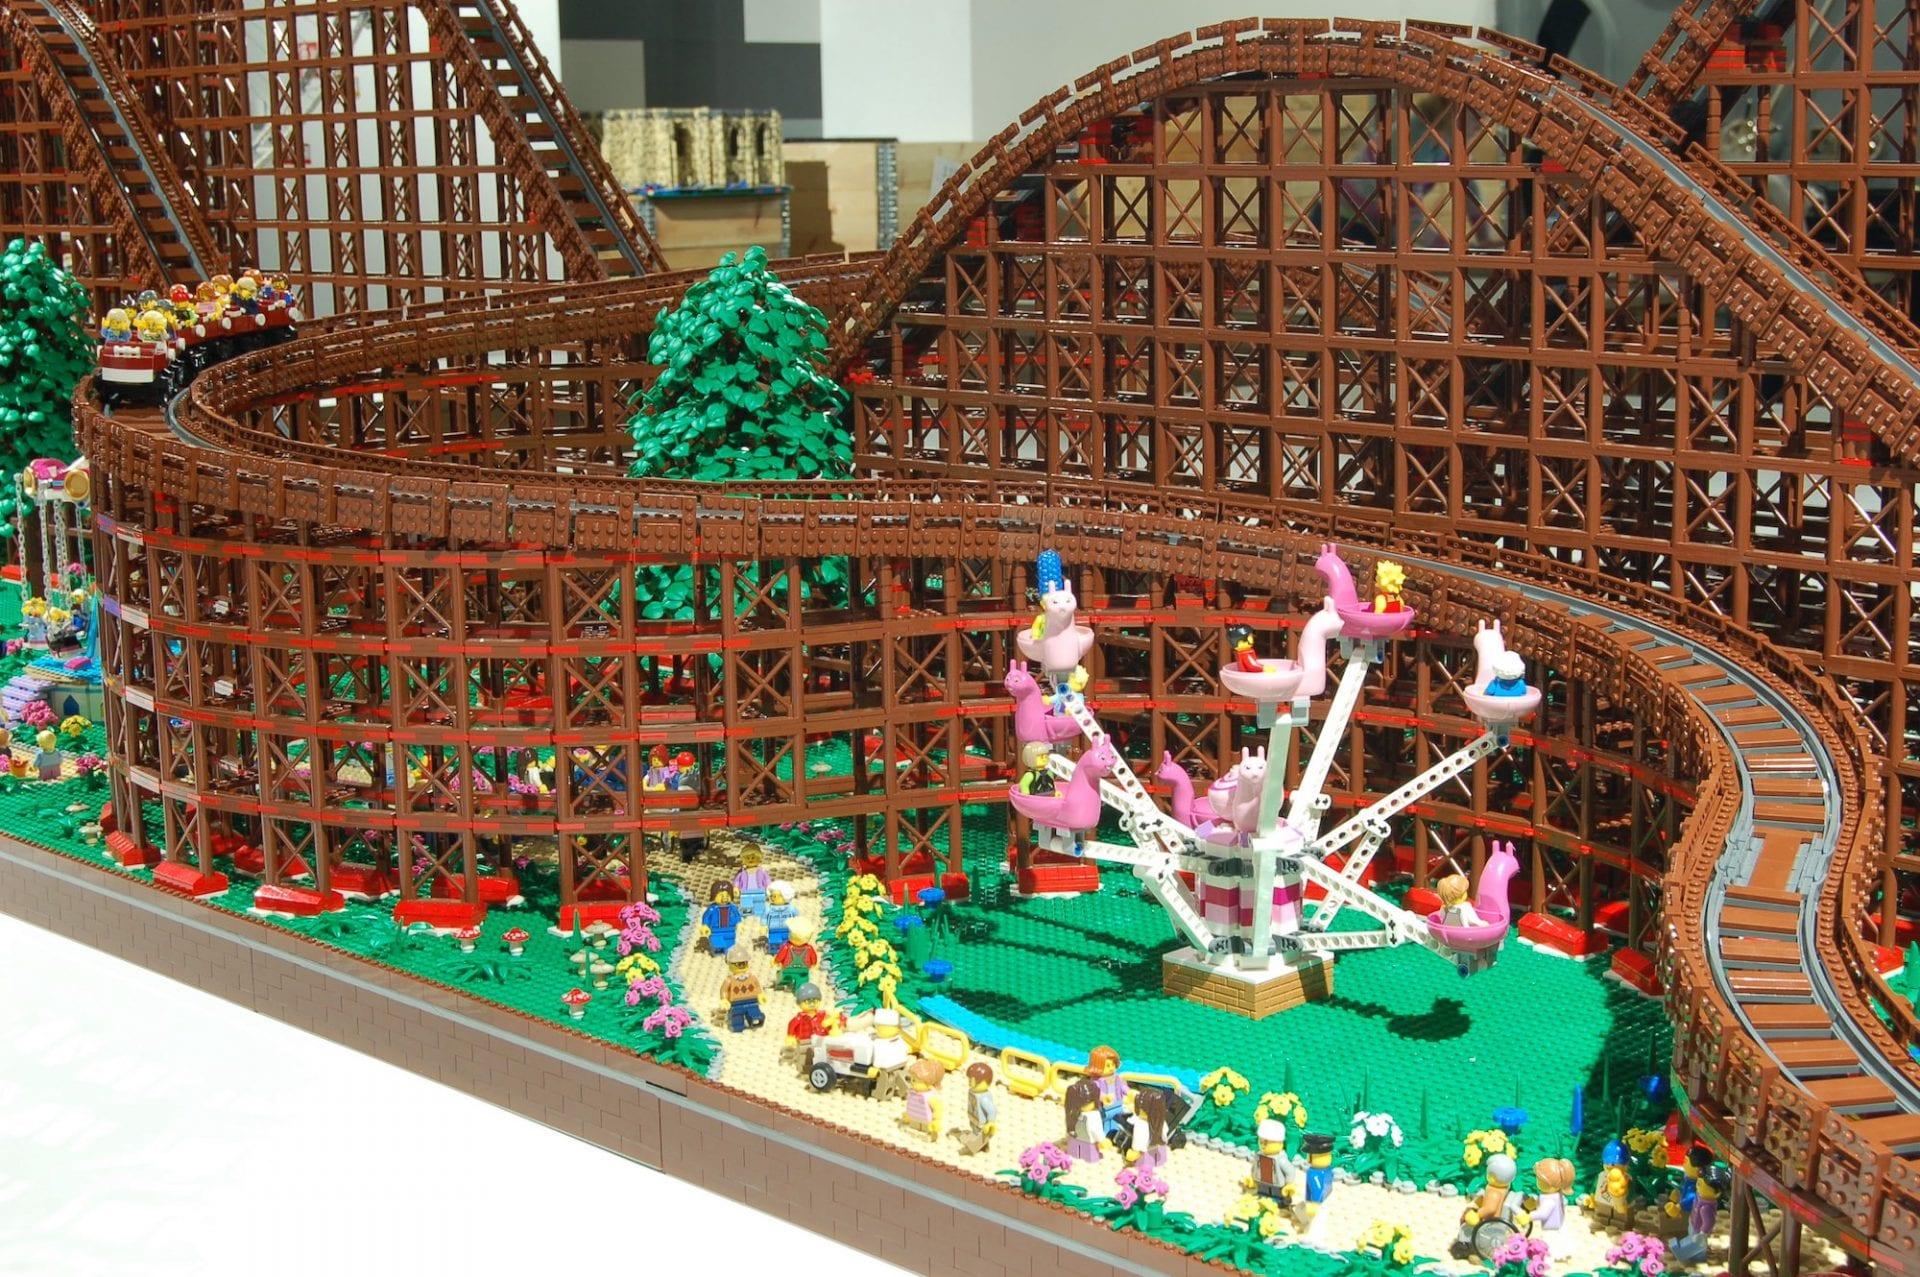 L'artiste Chairudo construit les plus grandes montagnes russes en LEGO du monde